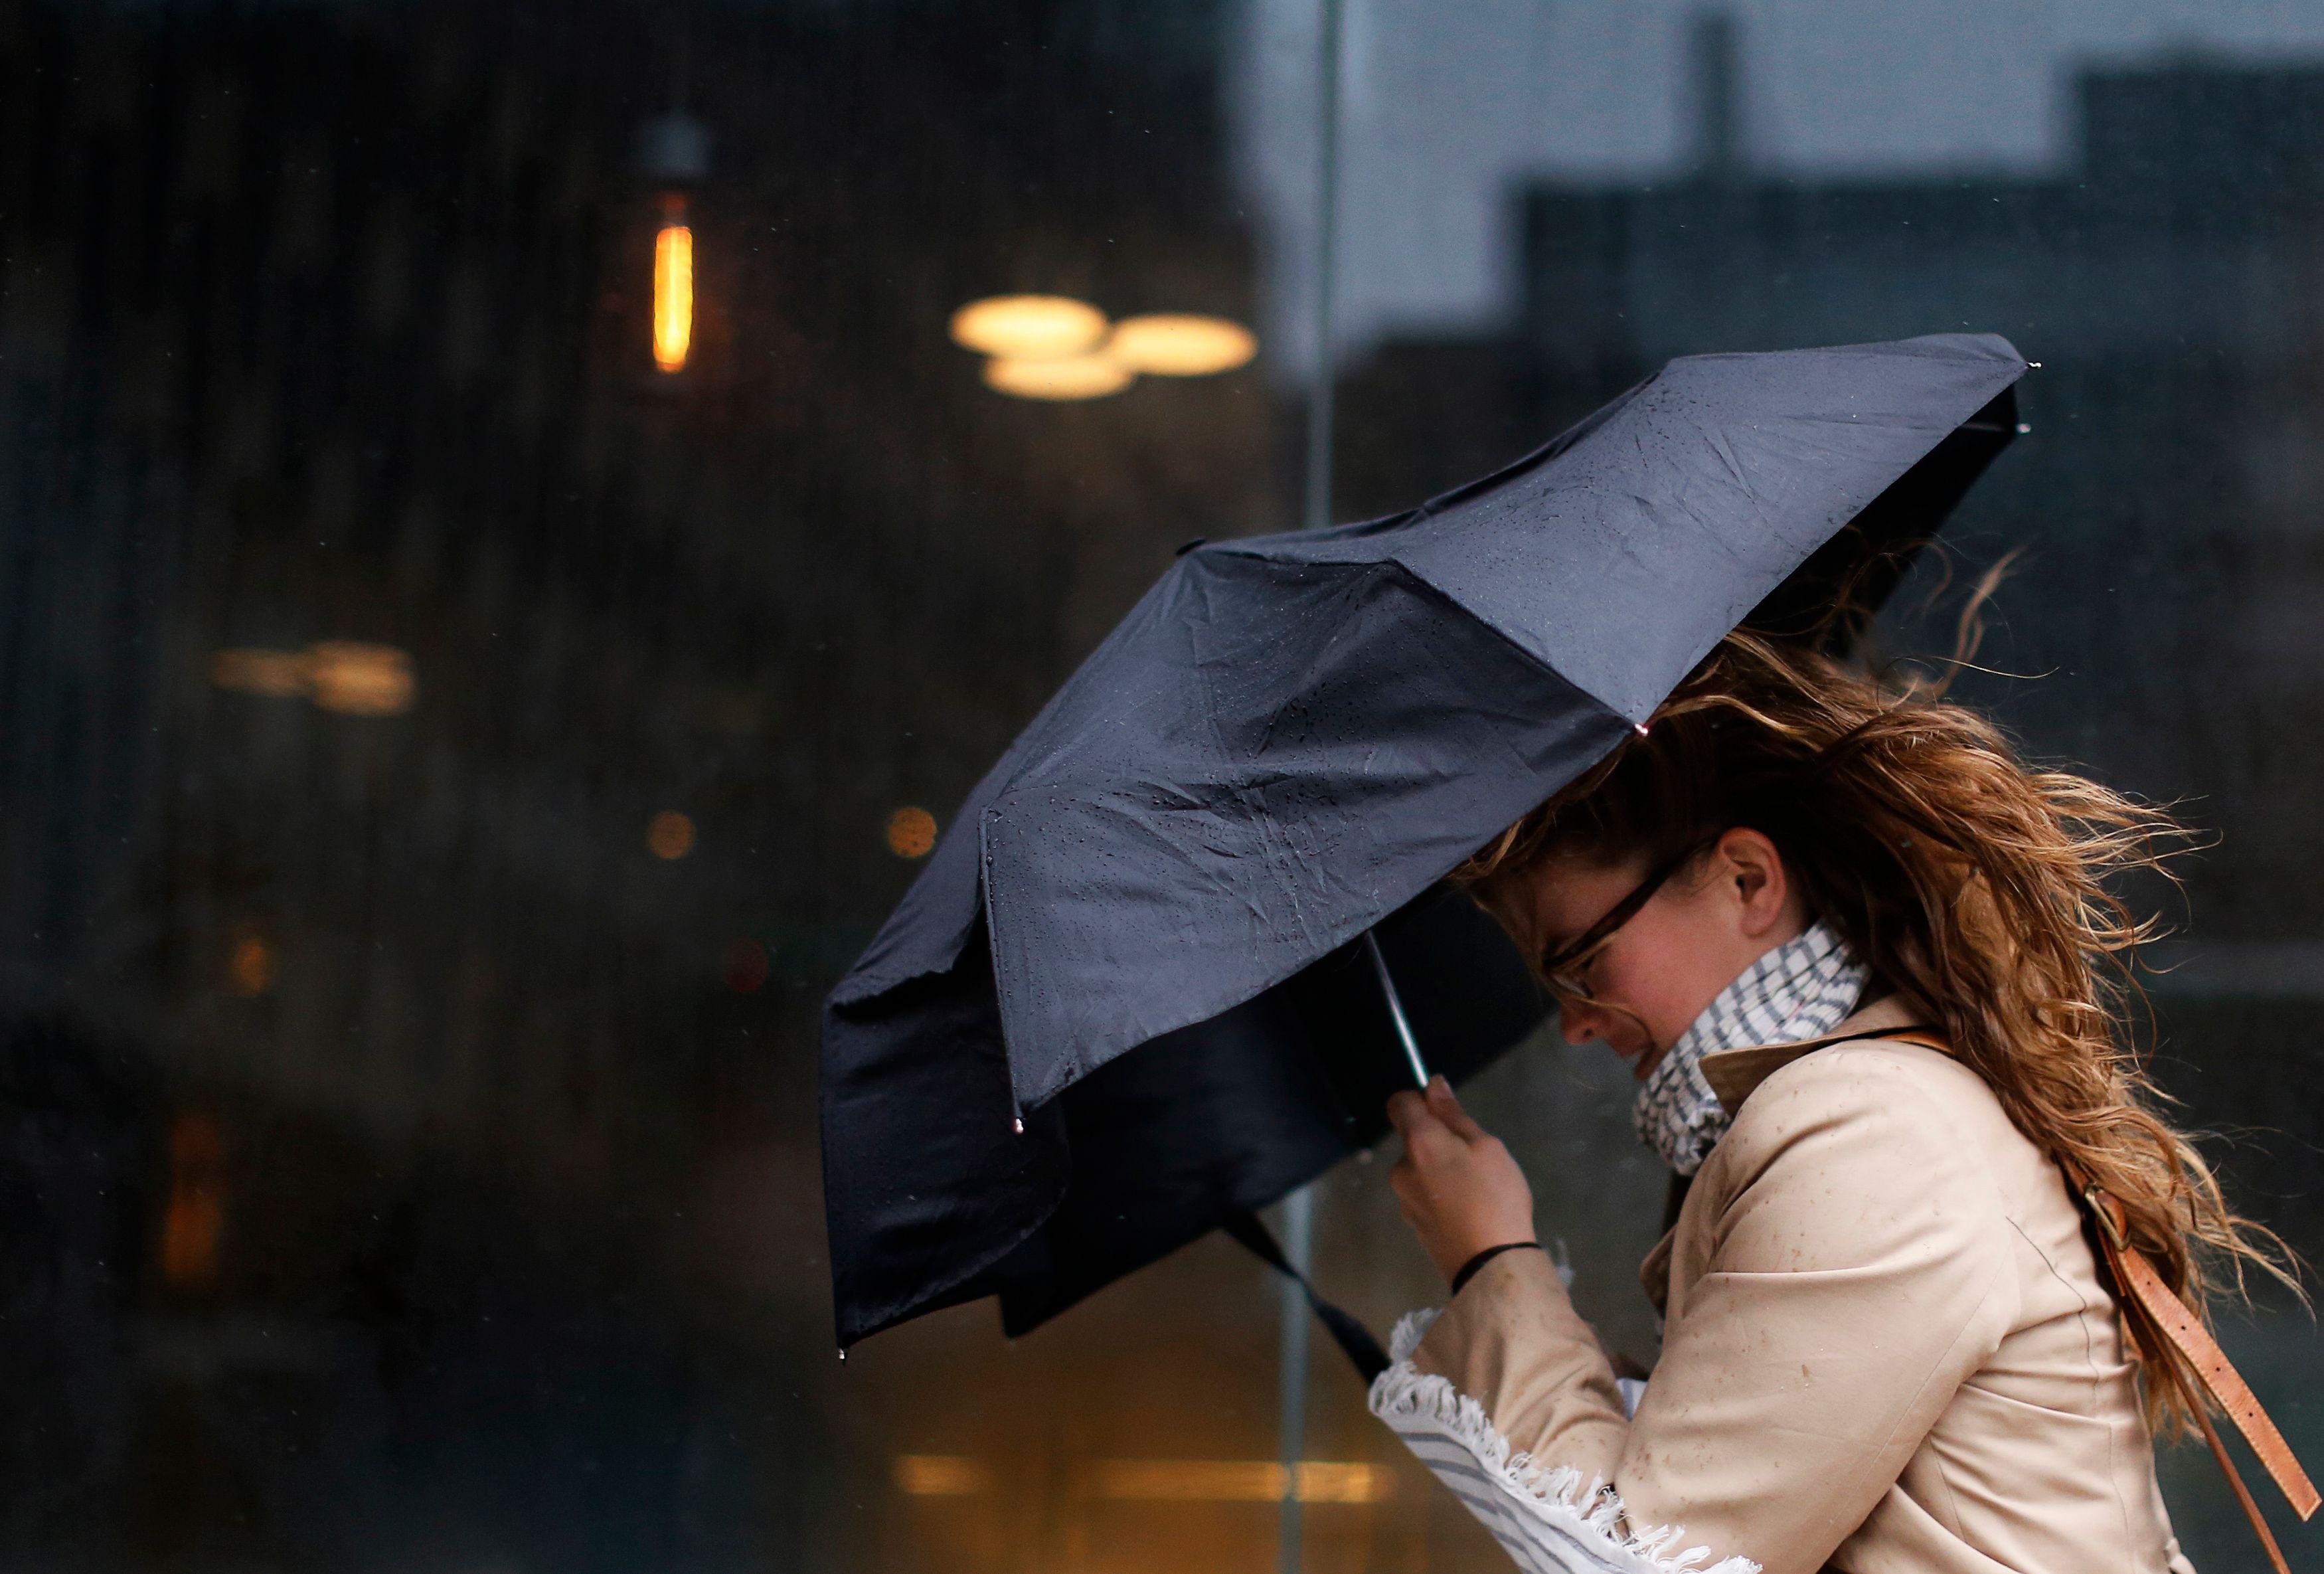 Un record de pluie d'au moins 50 ans battu pour la période décembre-janvier